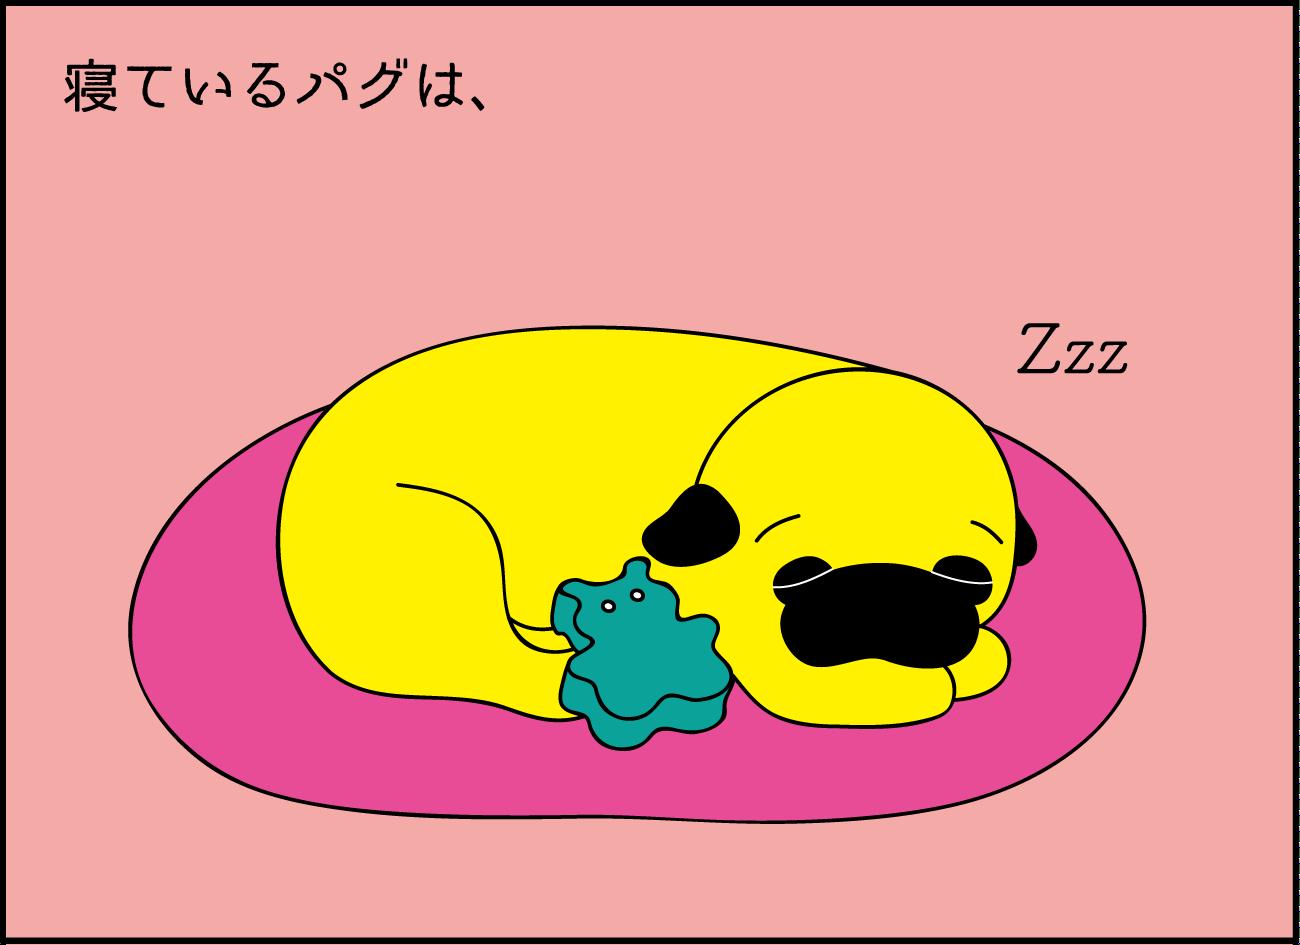 シュール【ほのぼの系Daily Comic/パグとわたし】